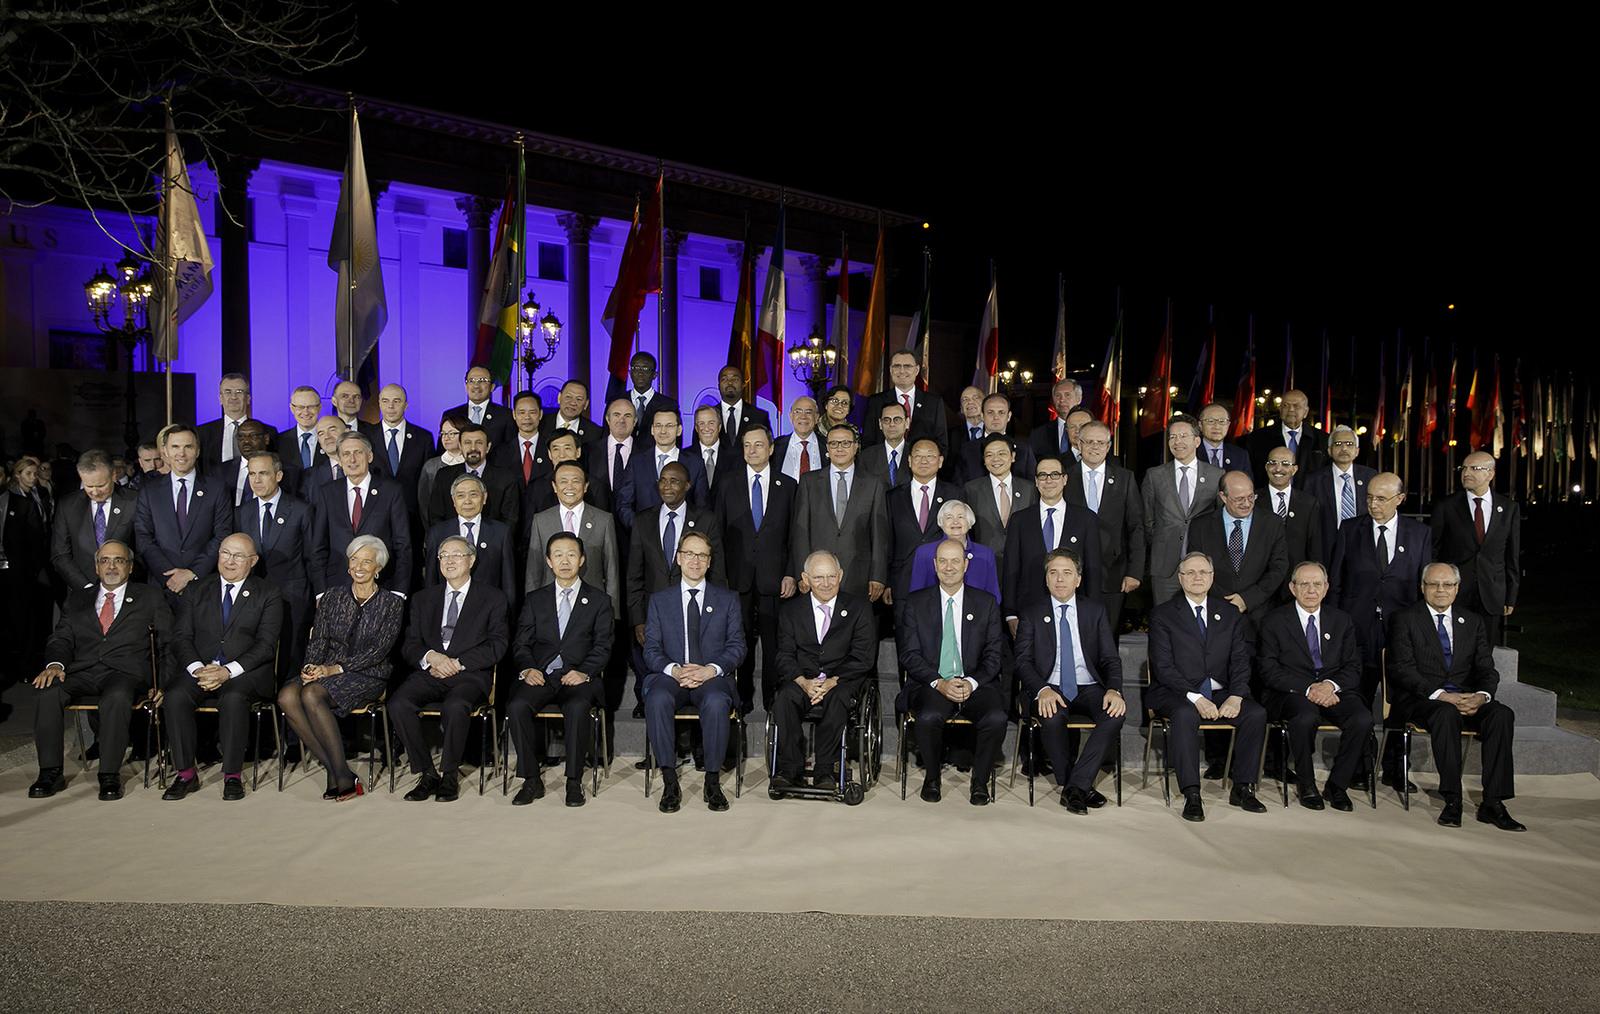 G20财长会大合影:麻生第一个跑来找座位 结果站着